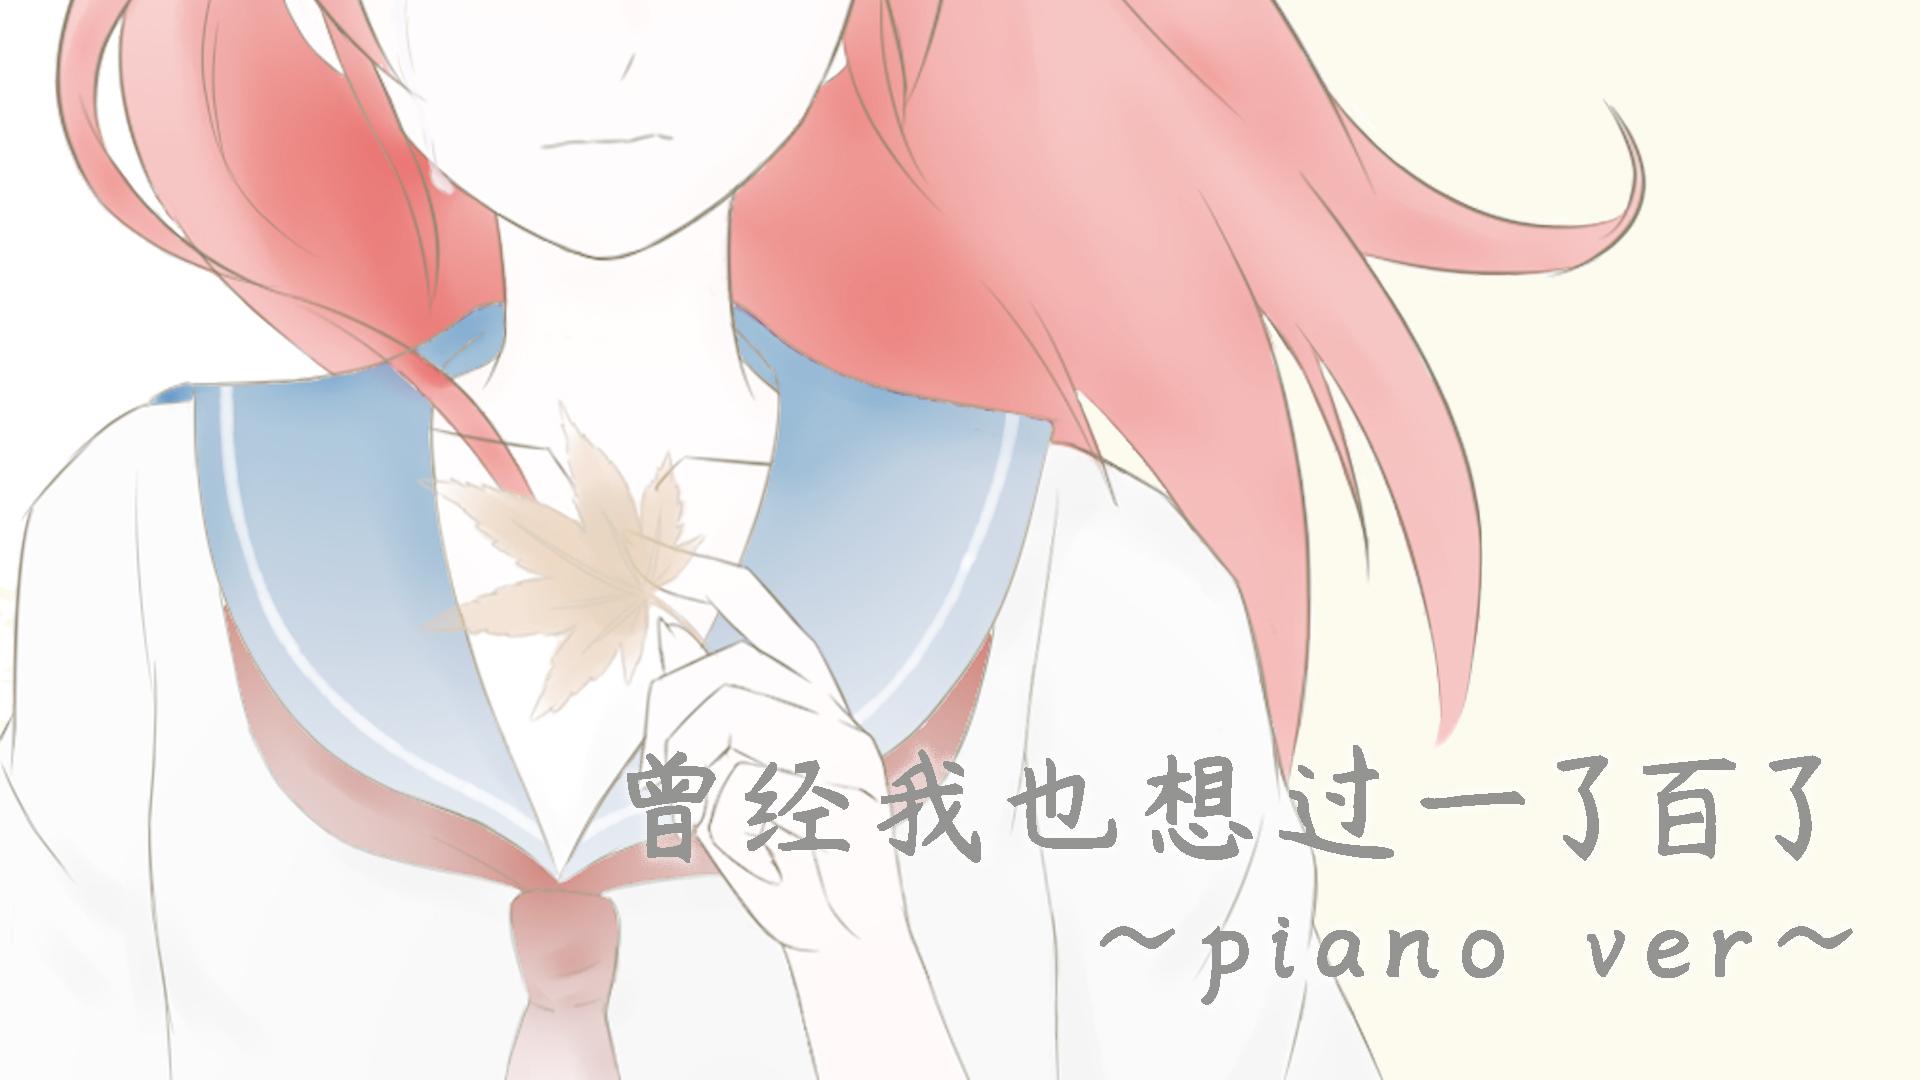 【致十年前的我】曾经我也想过一了百了~piano ver~(P2纯人声)【桃夜朔】